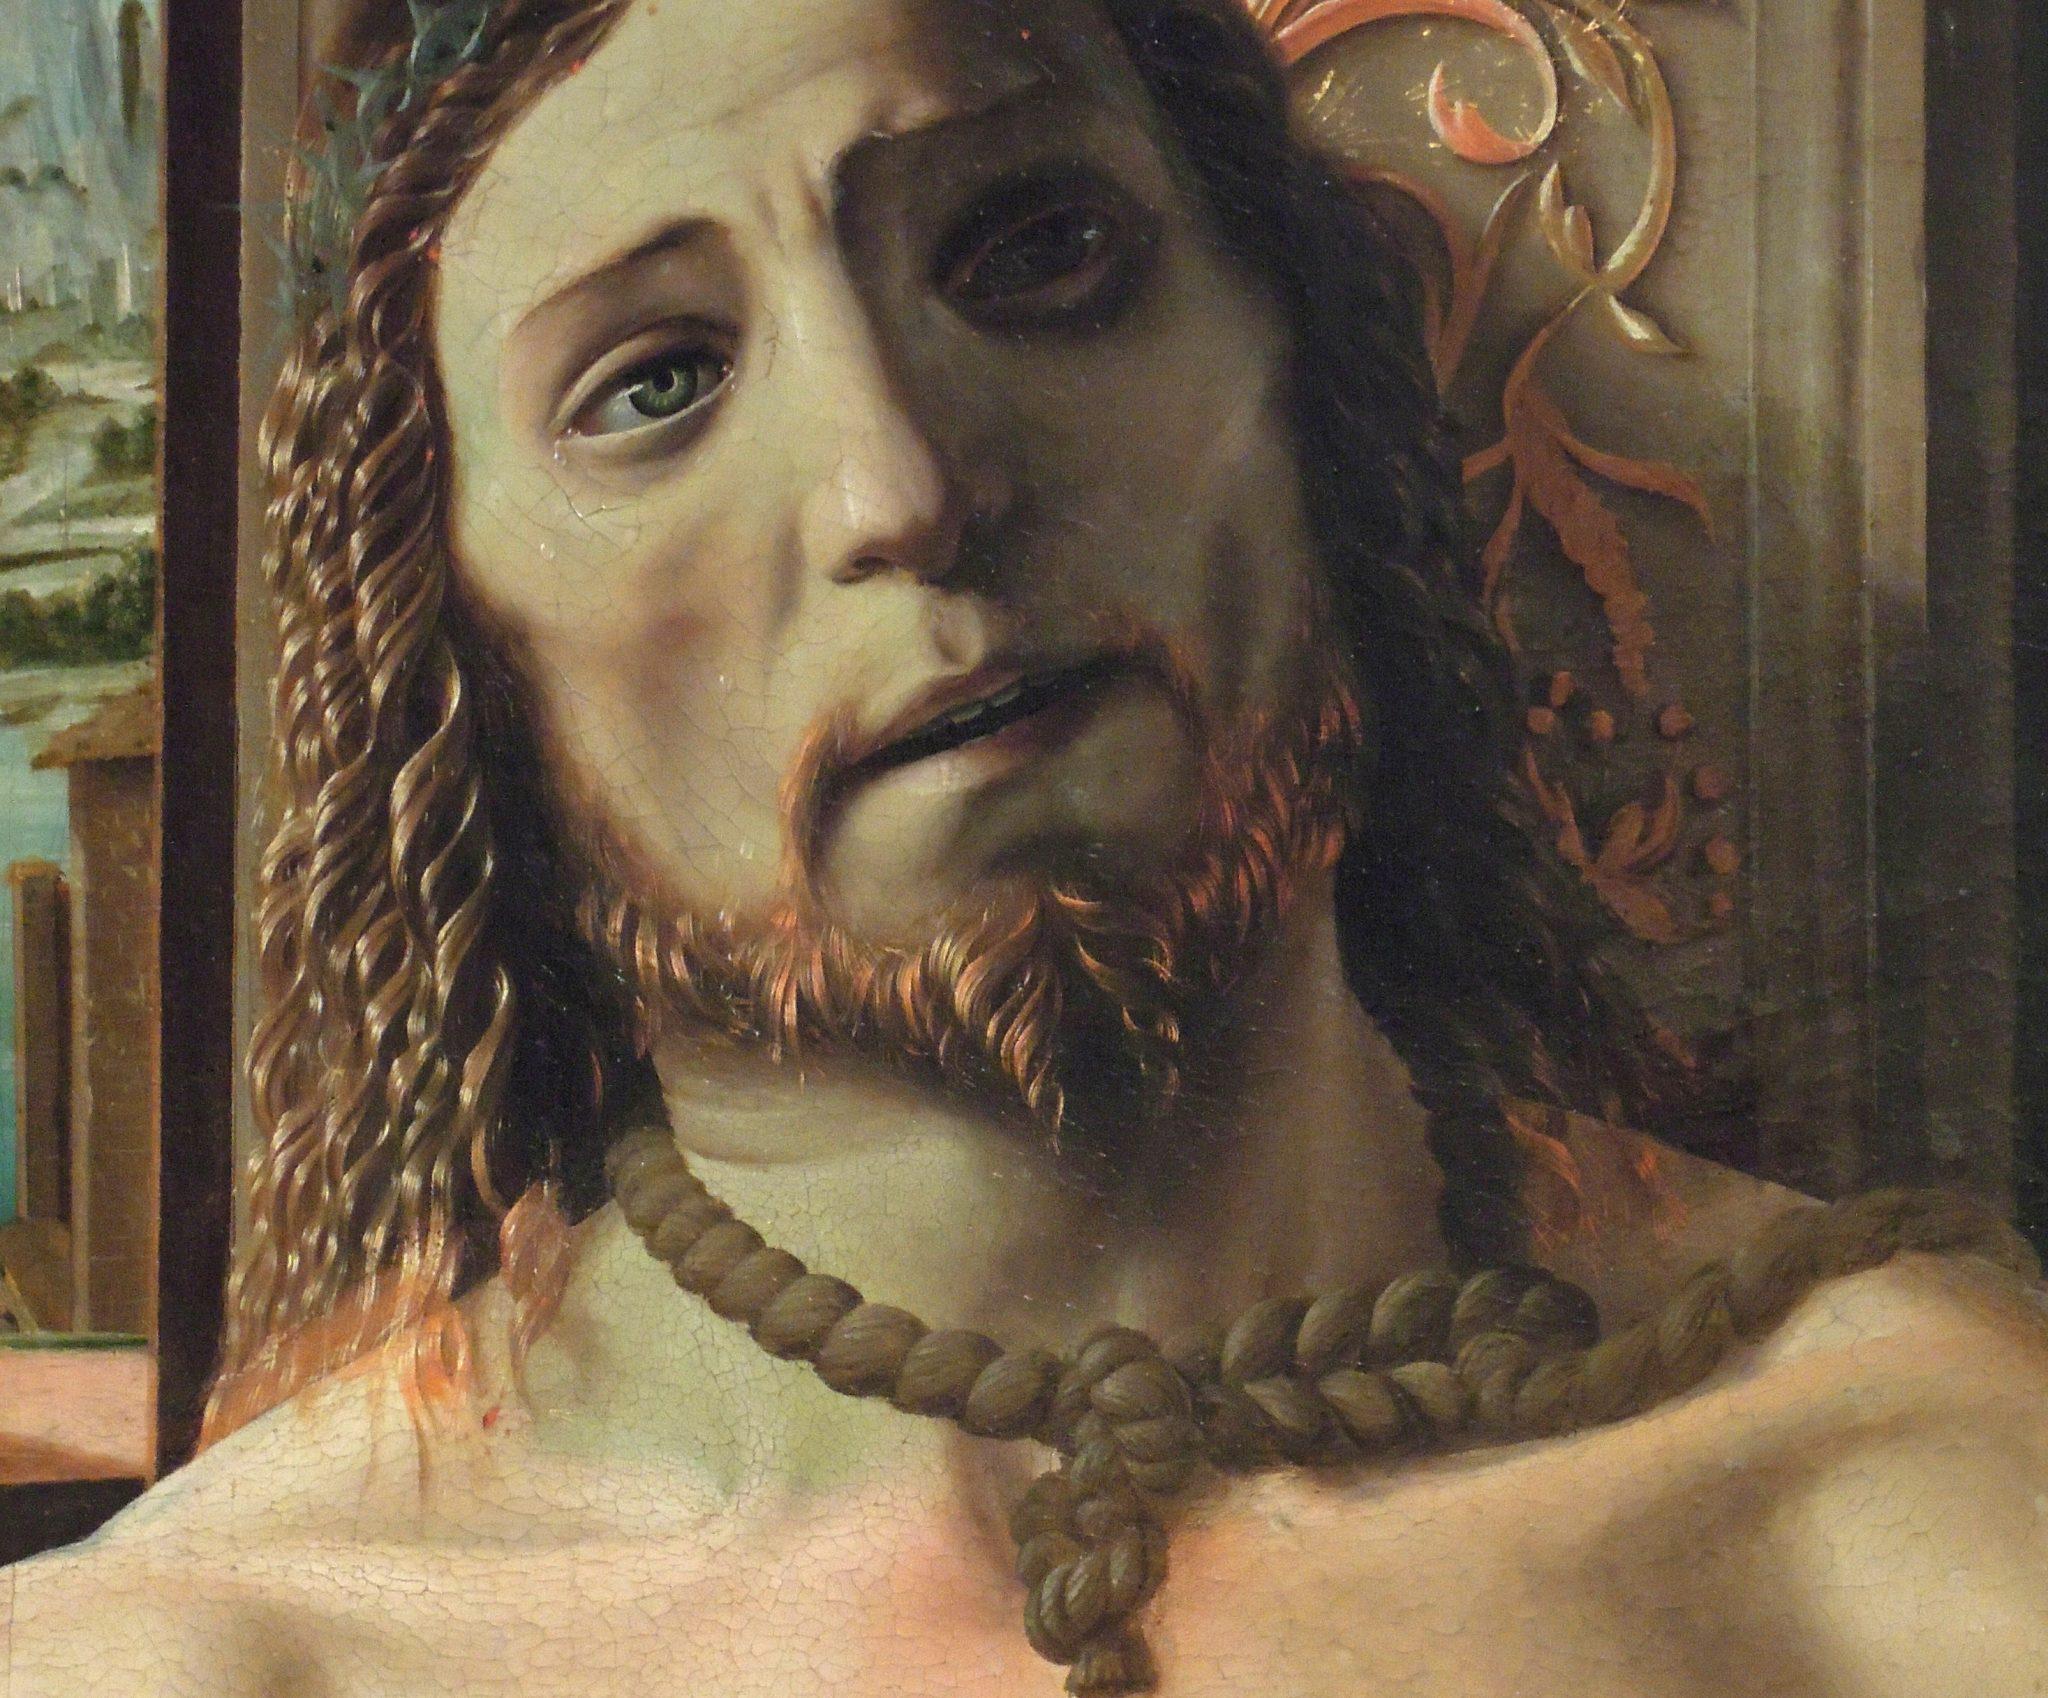 Cristo alla colonna di Donato Bramante, 1480-1490 circa